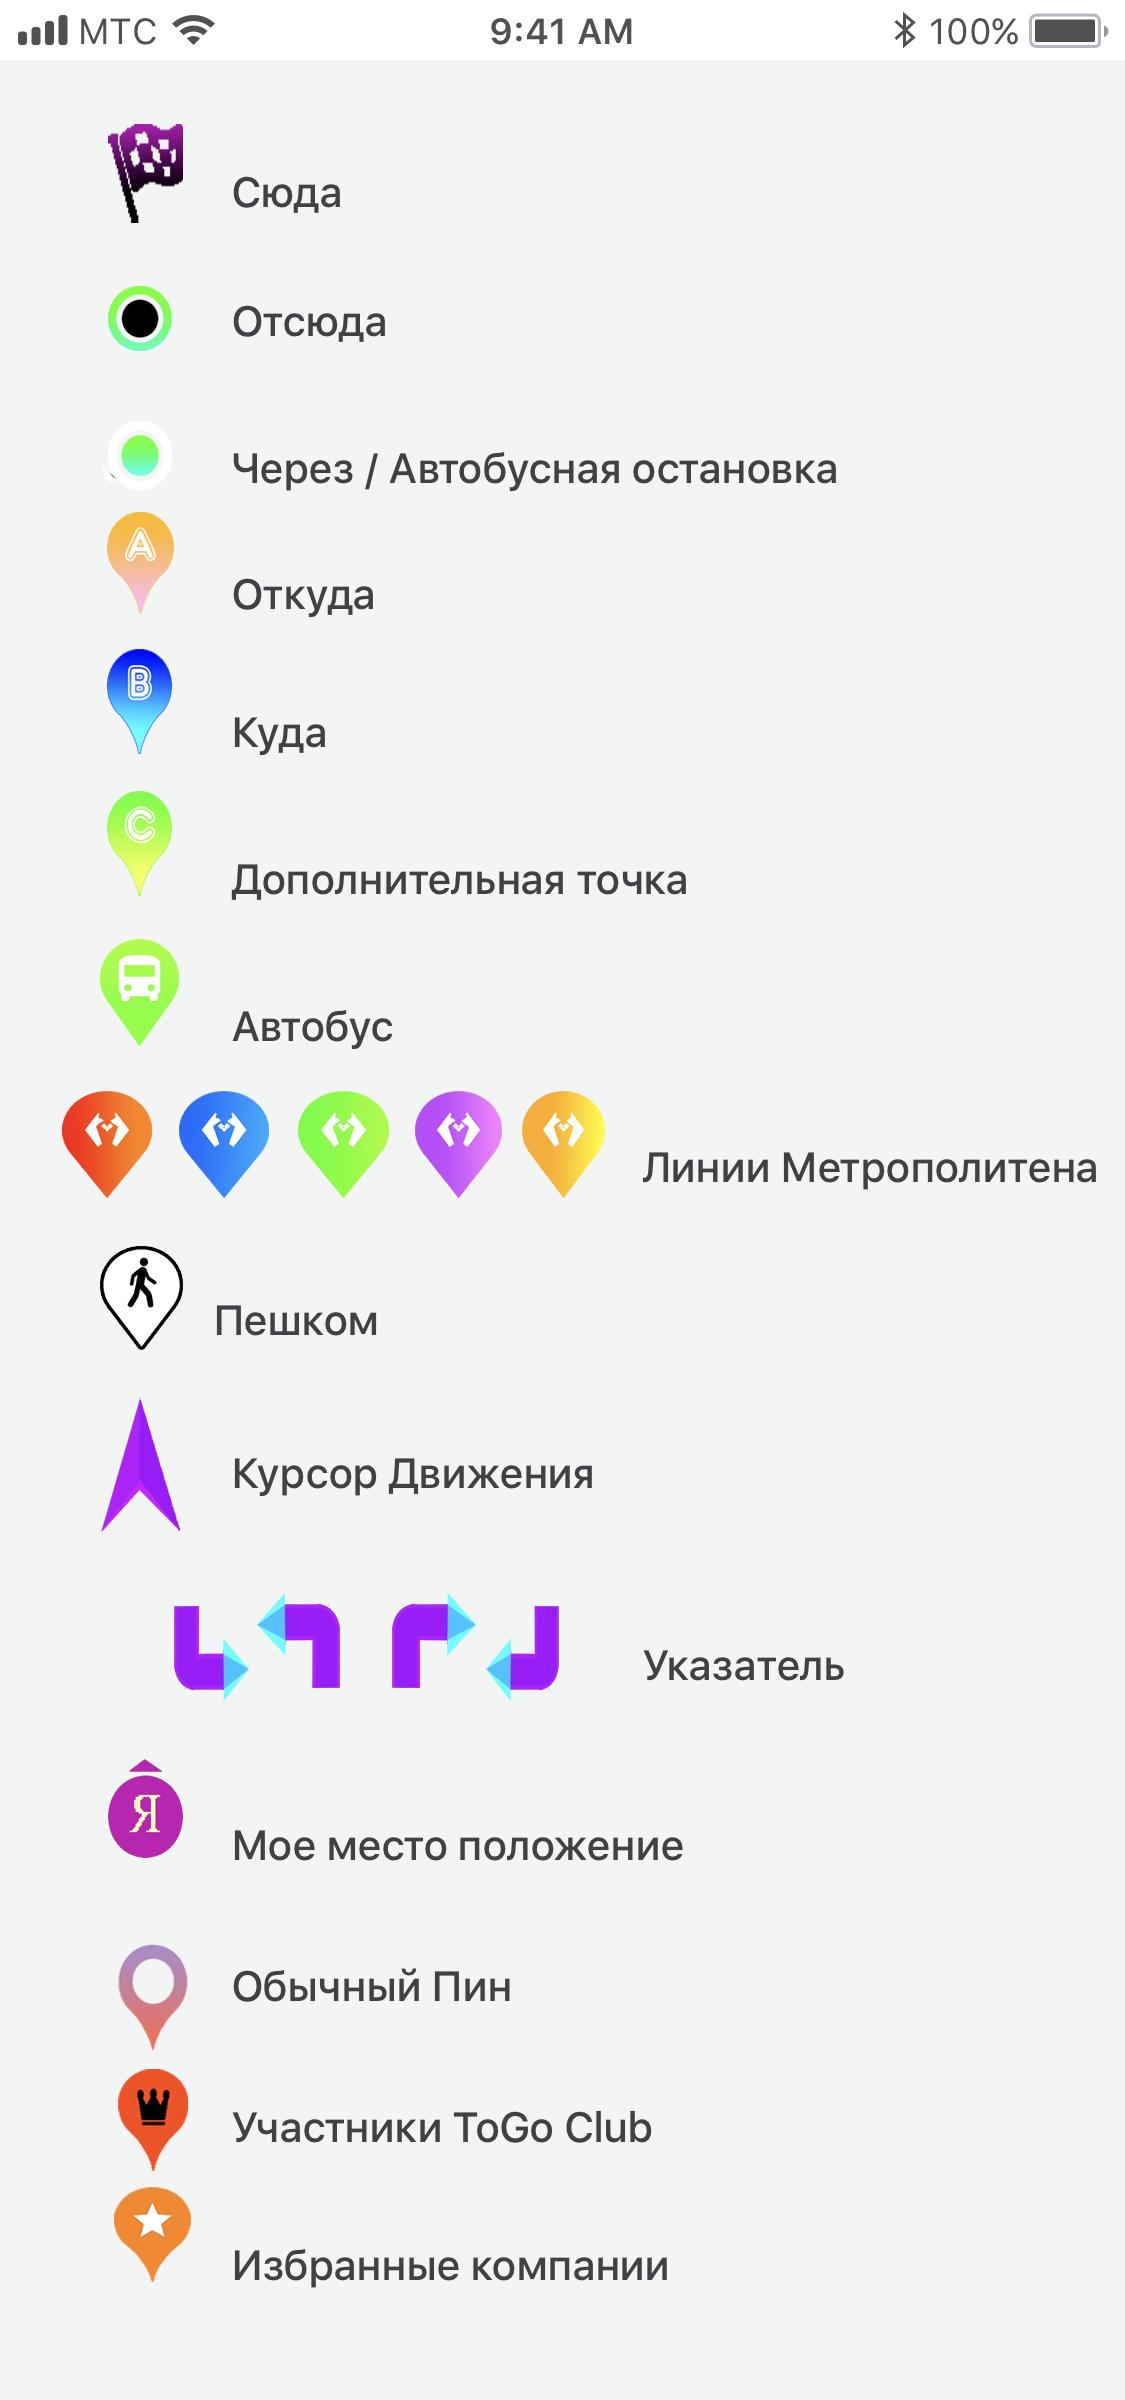 Иконки на карту. фото f_4085aff05bf8fba5.png